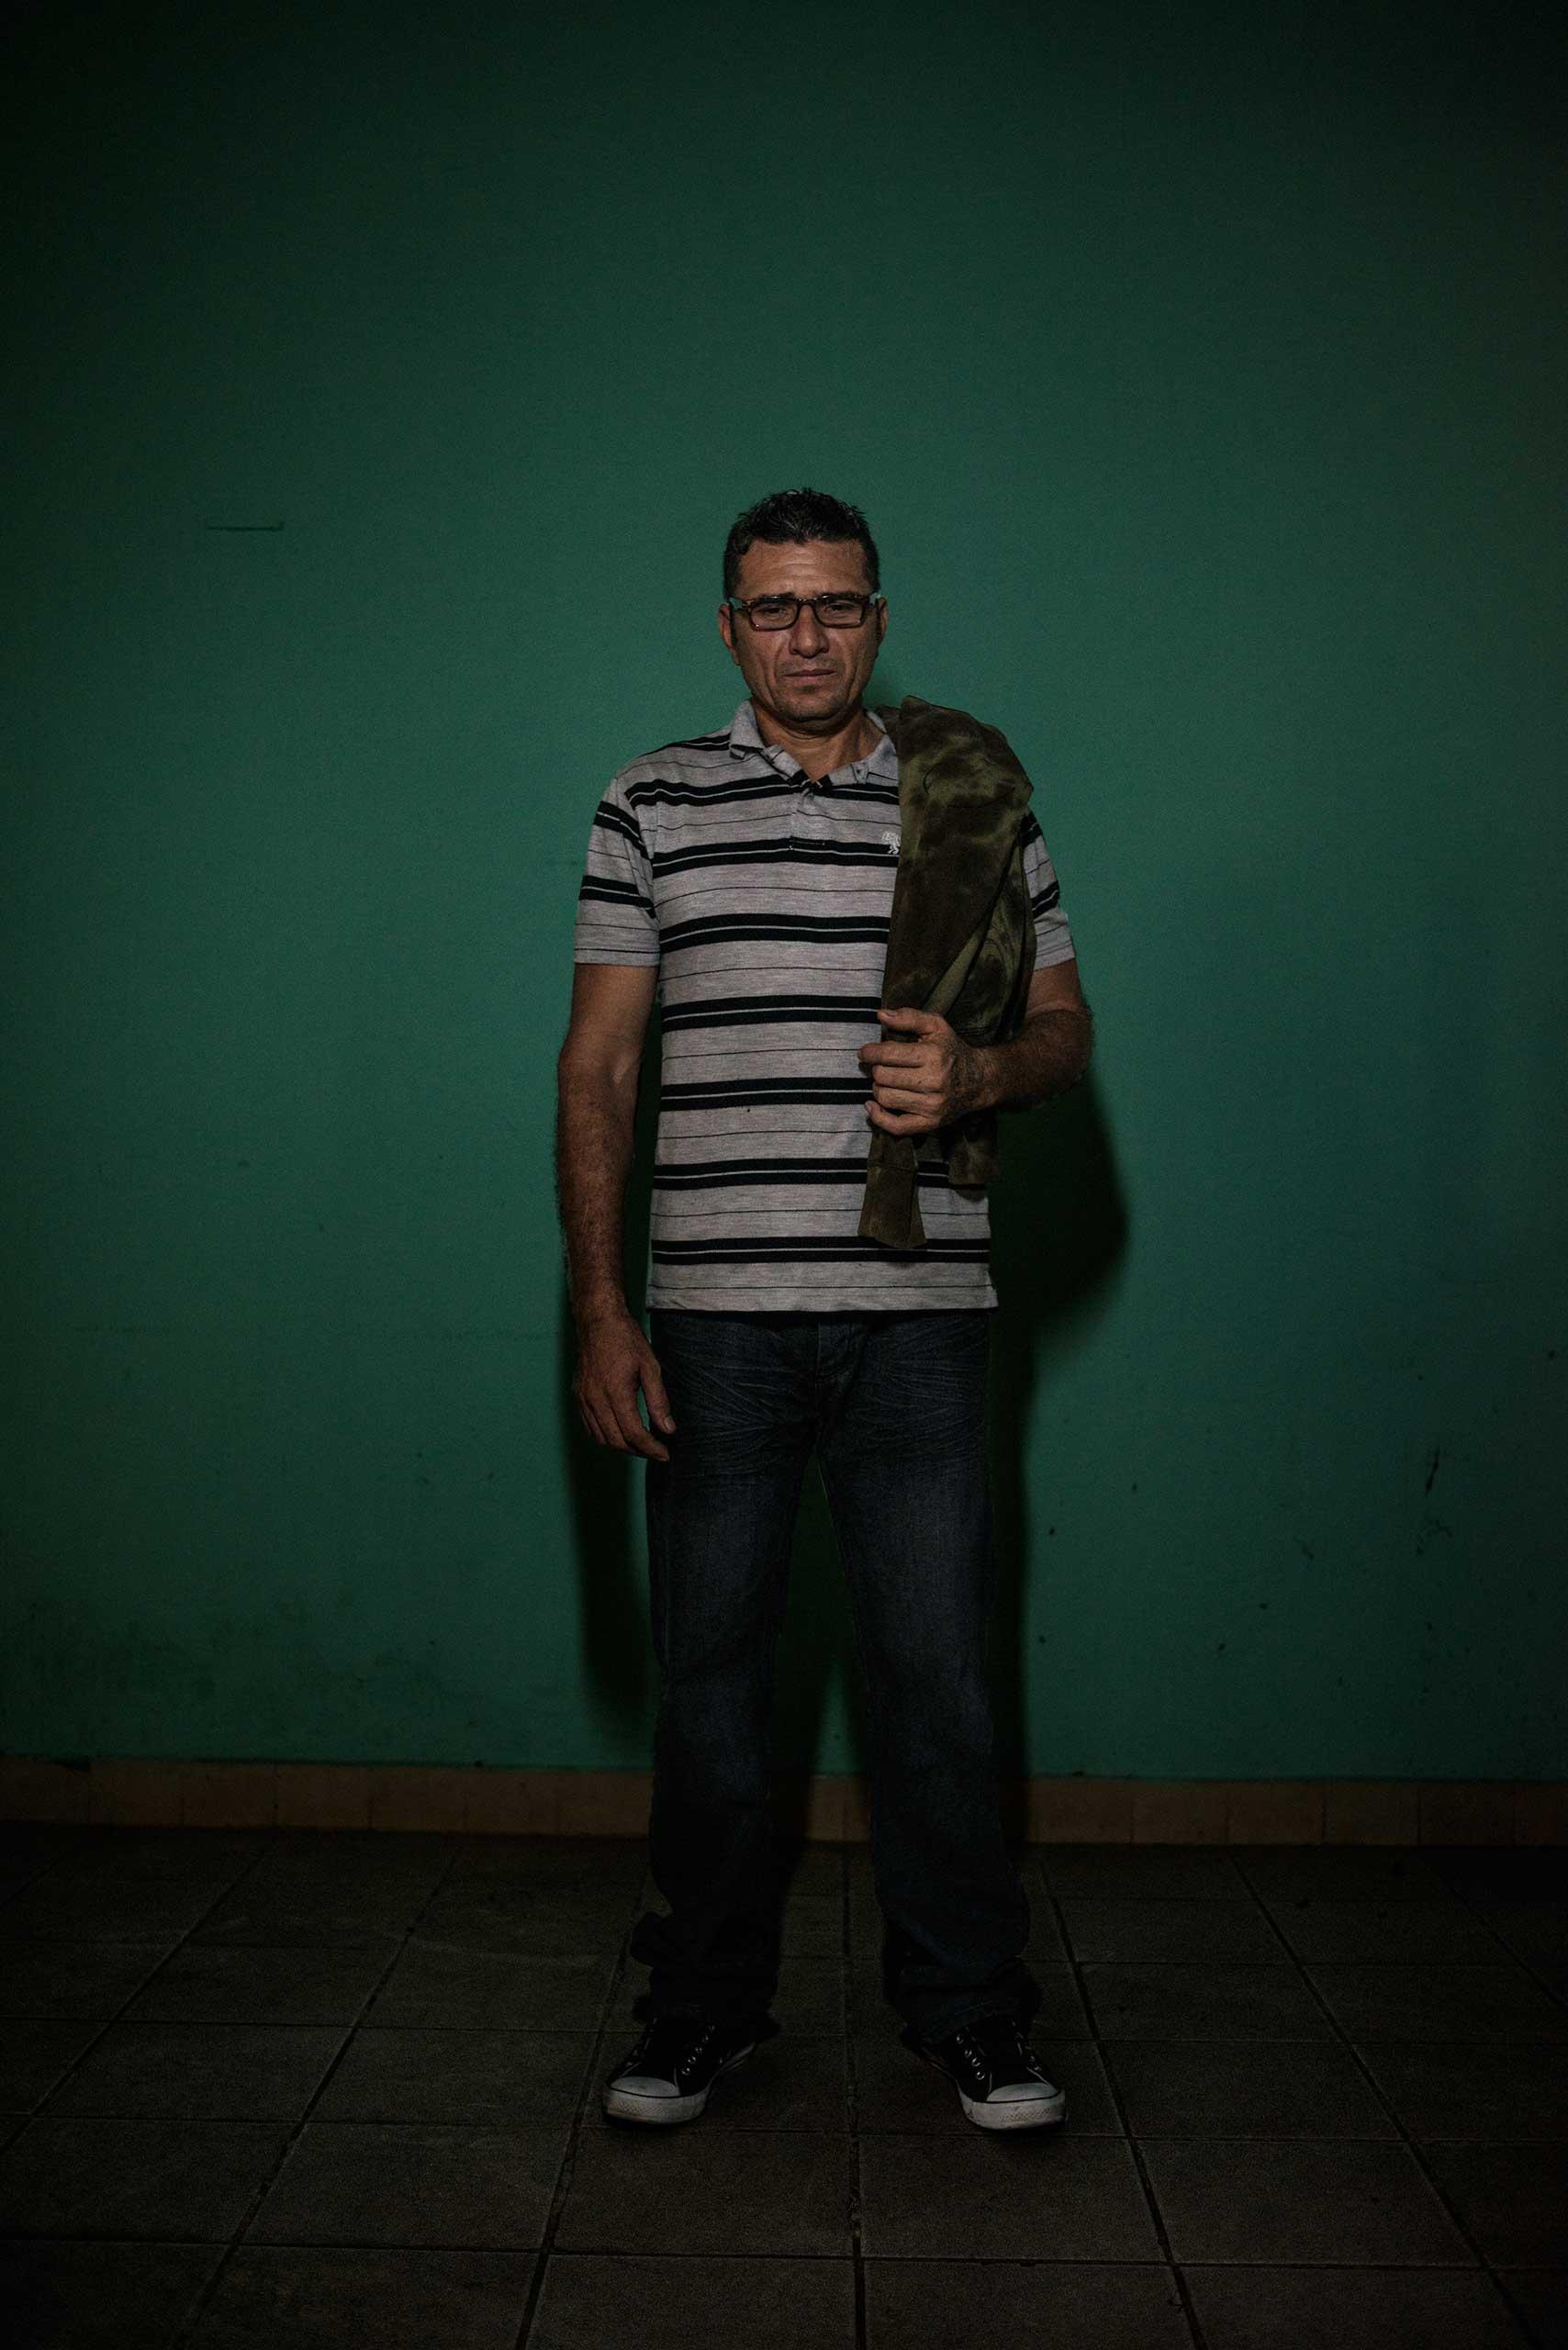 Andres Sanchez, 42, from El Salvador.